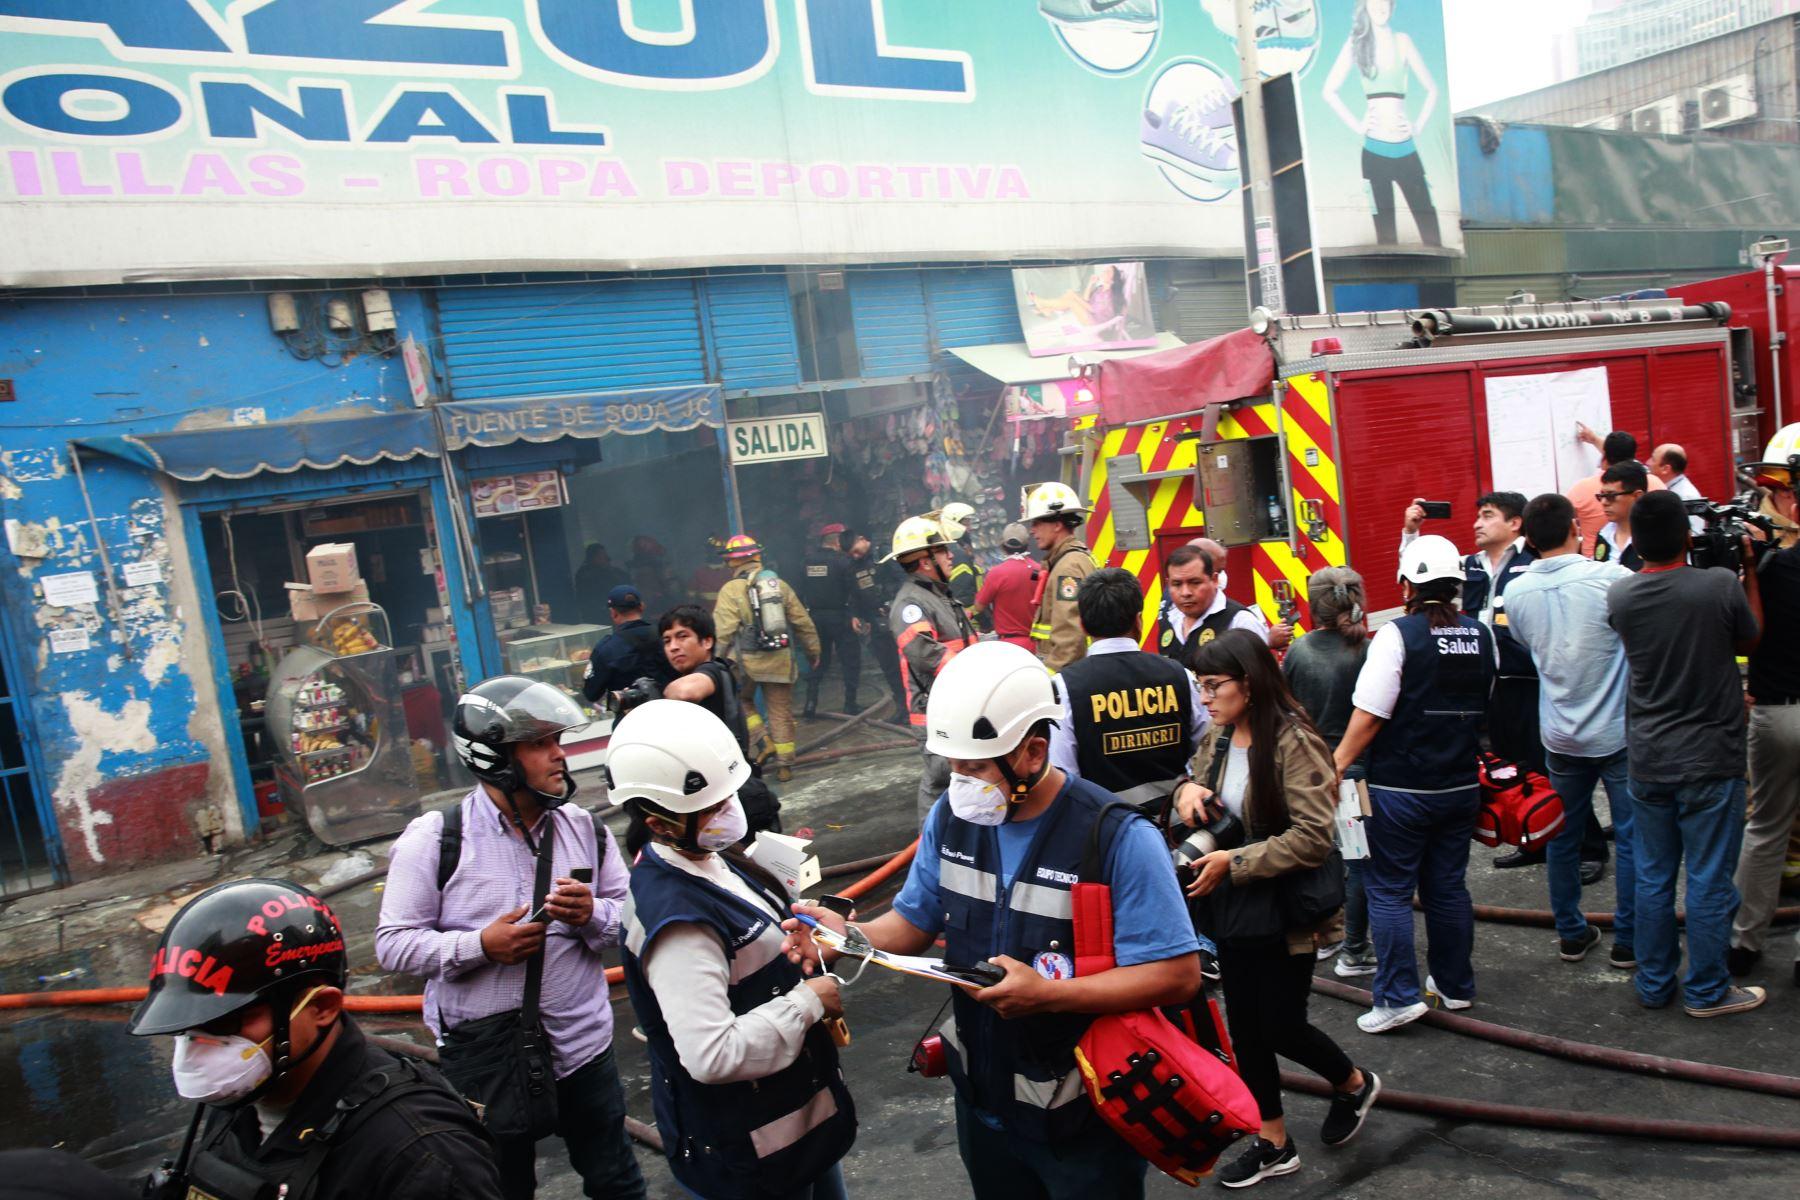 Paramedicos del SAMU, registran  estado de salud, de los afectados  durante el  incendio en Galería Plaza Azul, en el cercado de Lima,movilizo mas de quince unidades de bomberos que lograron controlar el fuego. Foto: ANDINA/Jhony Laurente